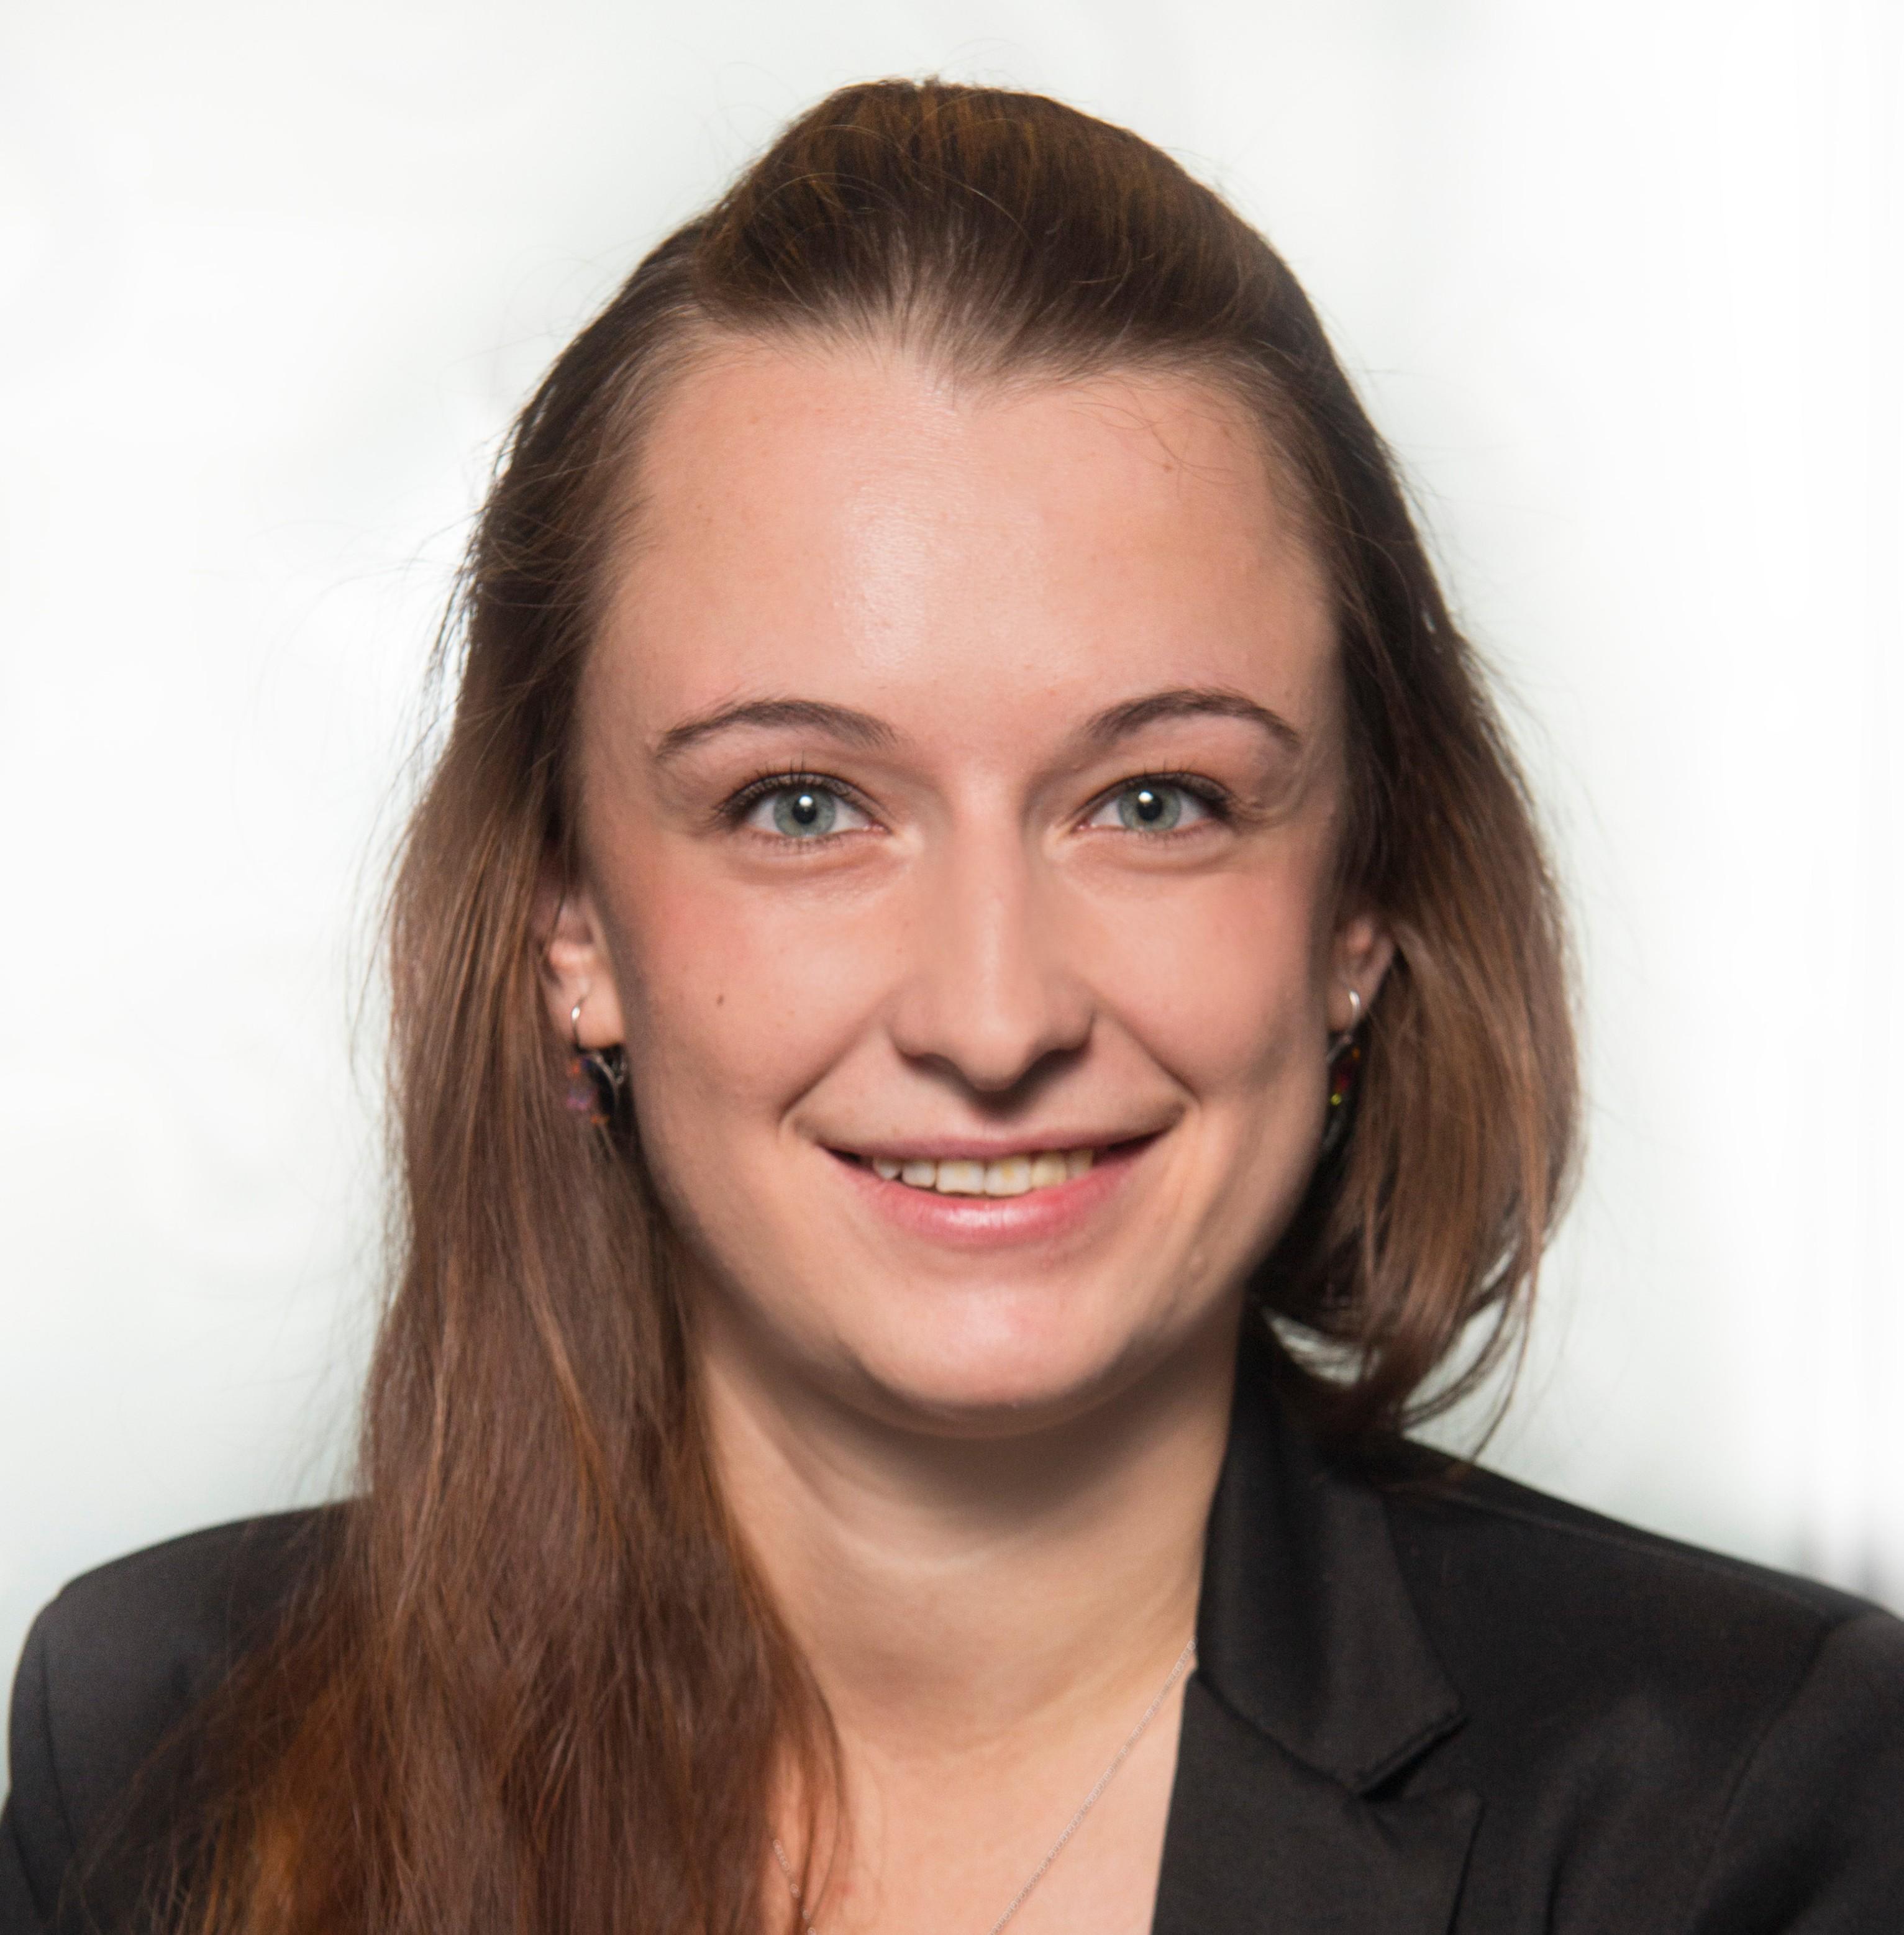 Kristína Tomeková